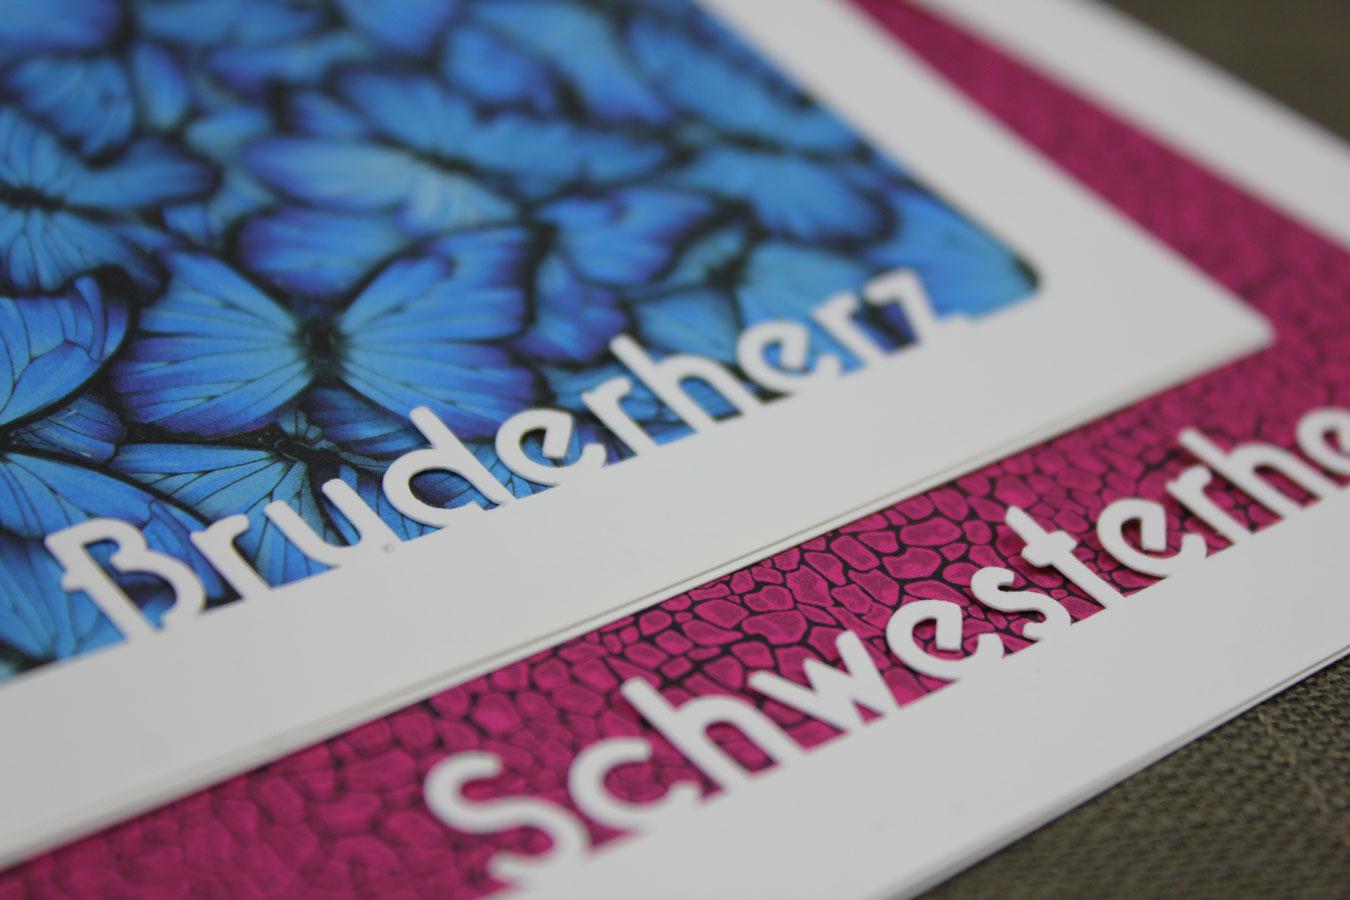 Geschwisterliebe: Passepartout mit Bruderherz und Schwesterherz - erstellt mit KUGELIG Stencil